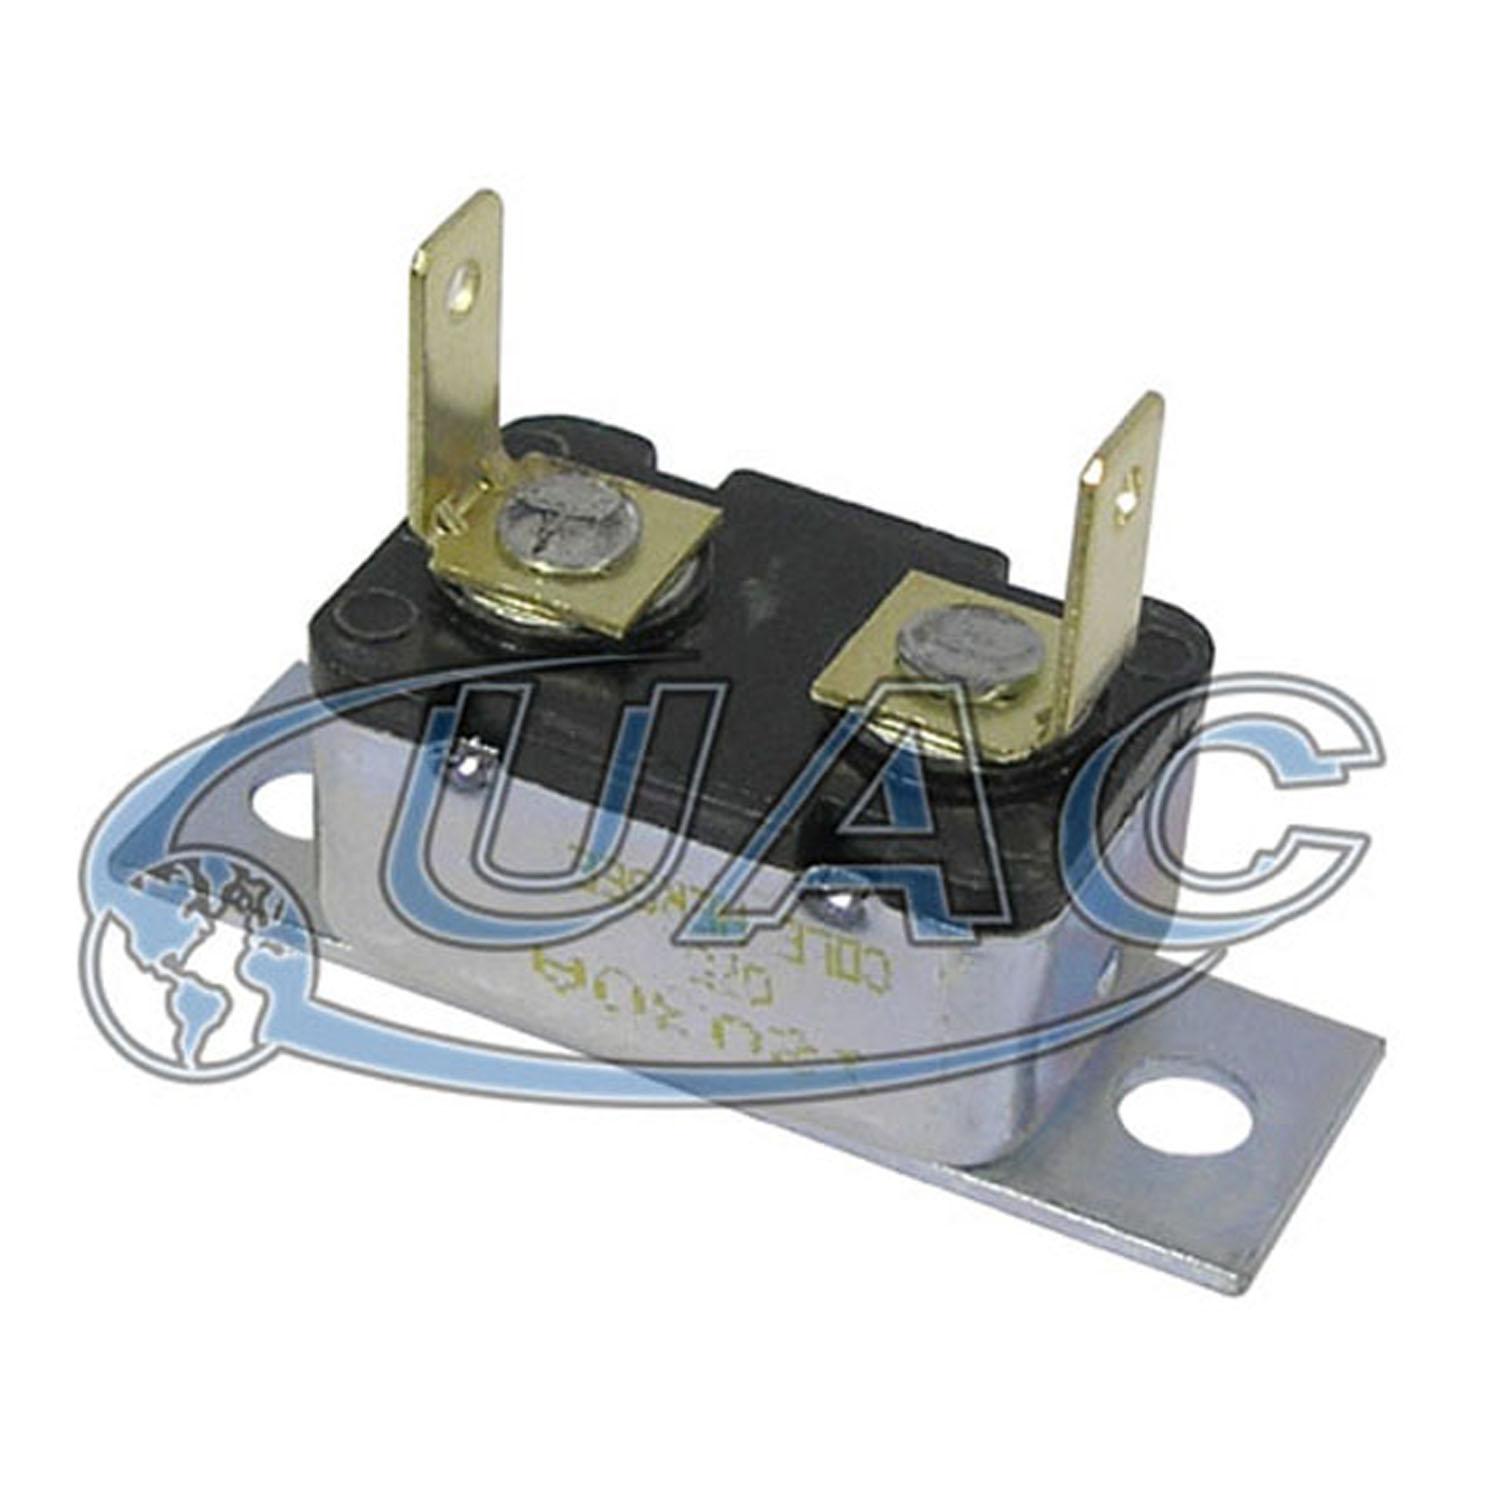 Circuit Breaker CIR BRK 30AMP SPADE